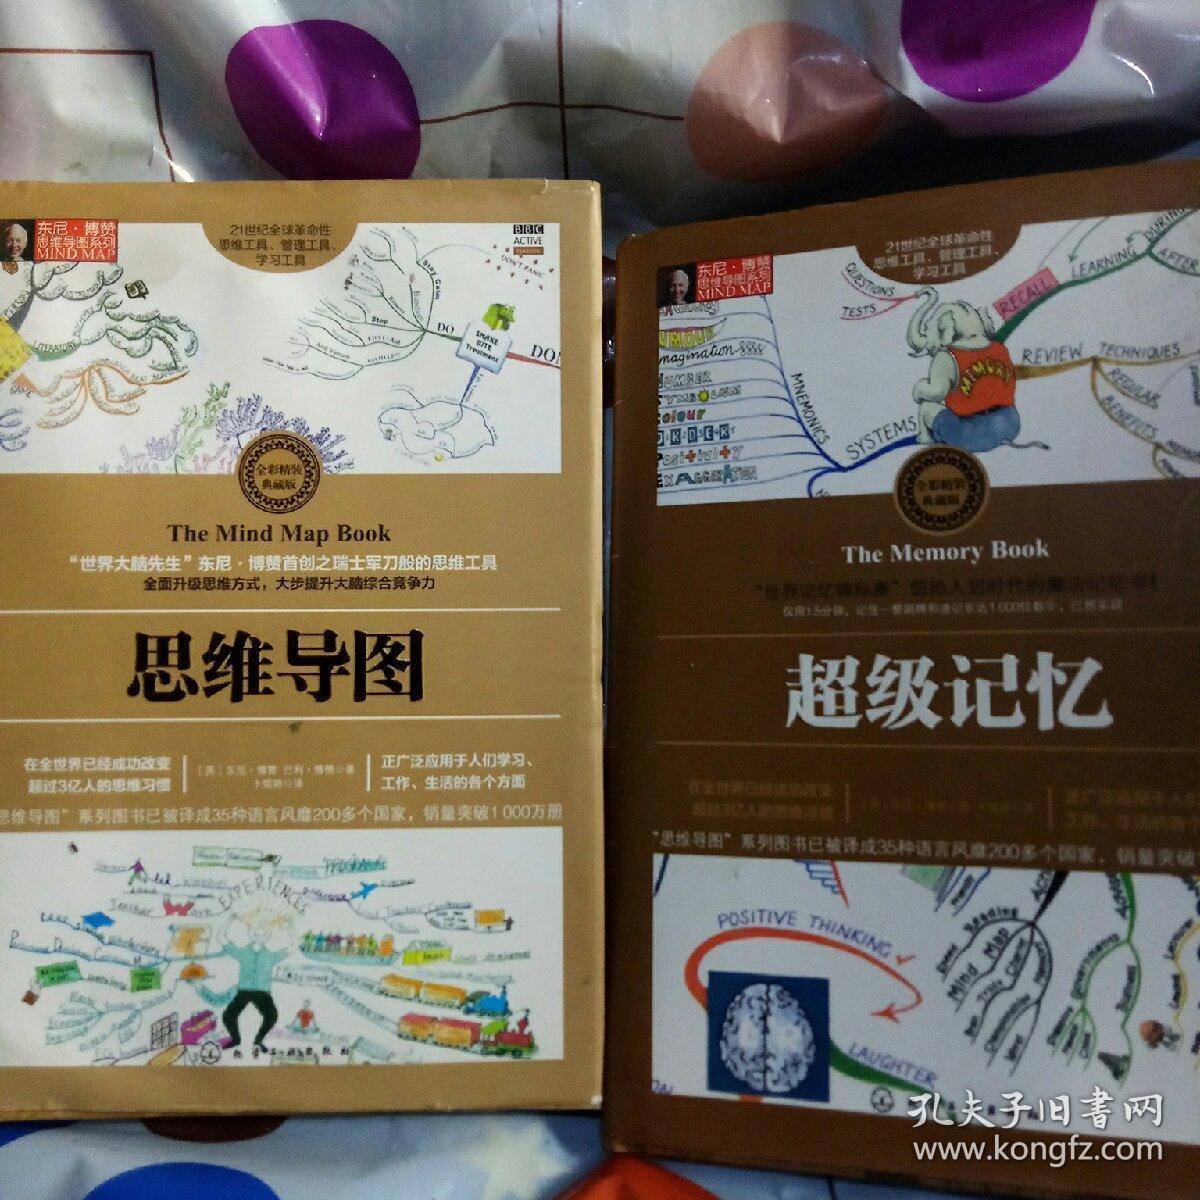 《超级记忆。》《思维导图》。两册合售